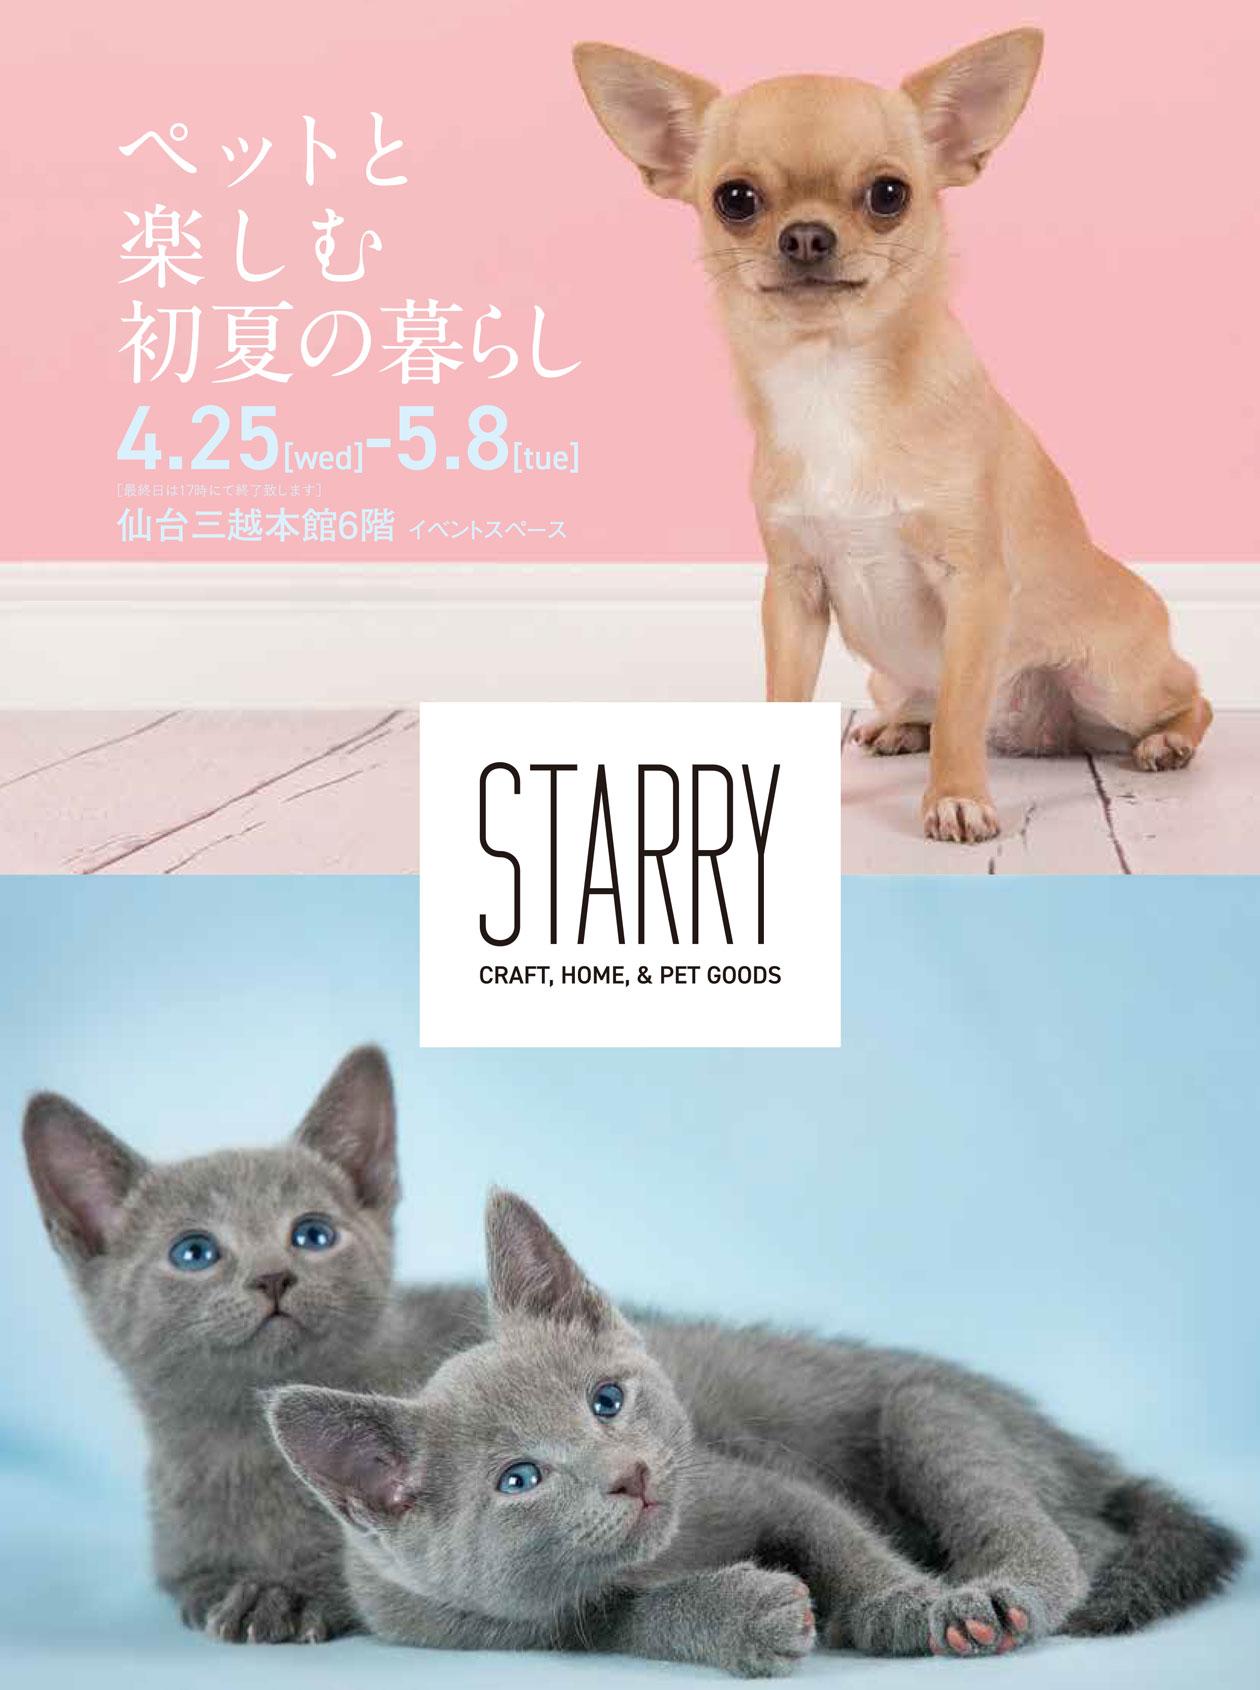 STARRY ANIMAL,ペットと楽しむ初夏の暮らし